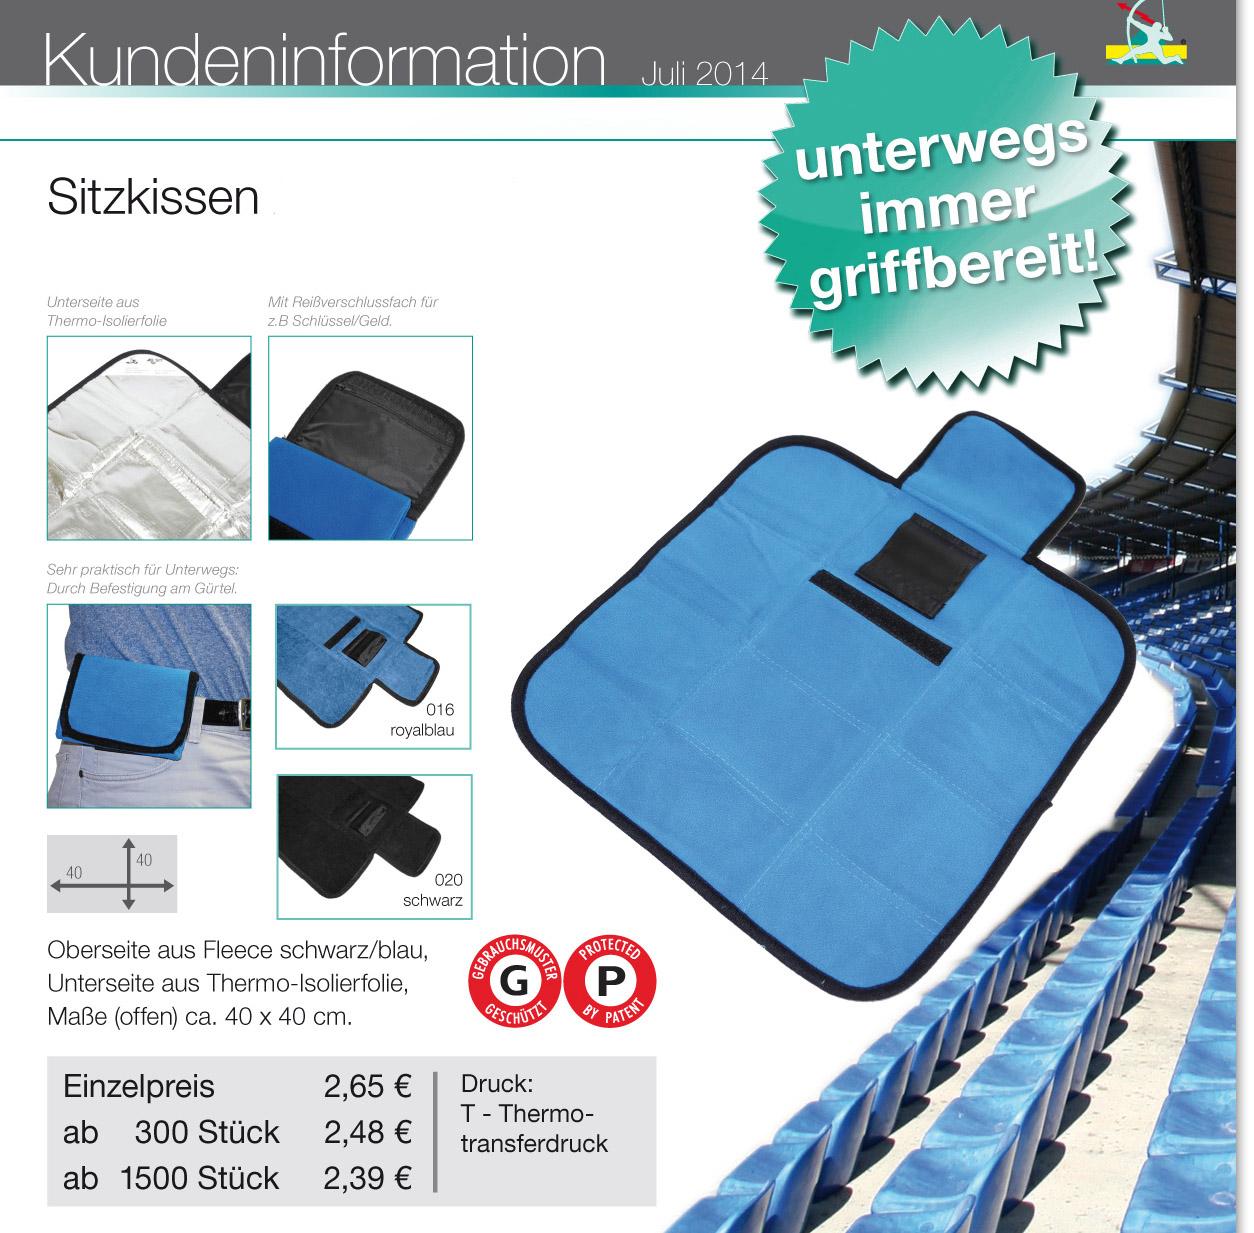 Sitzkissen, Mini-Sitzkissen, mobiles Sitzkissen, Werbe-sitzkissen